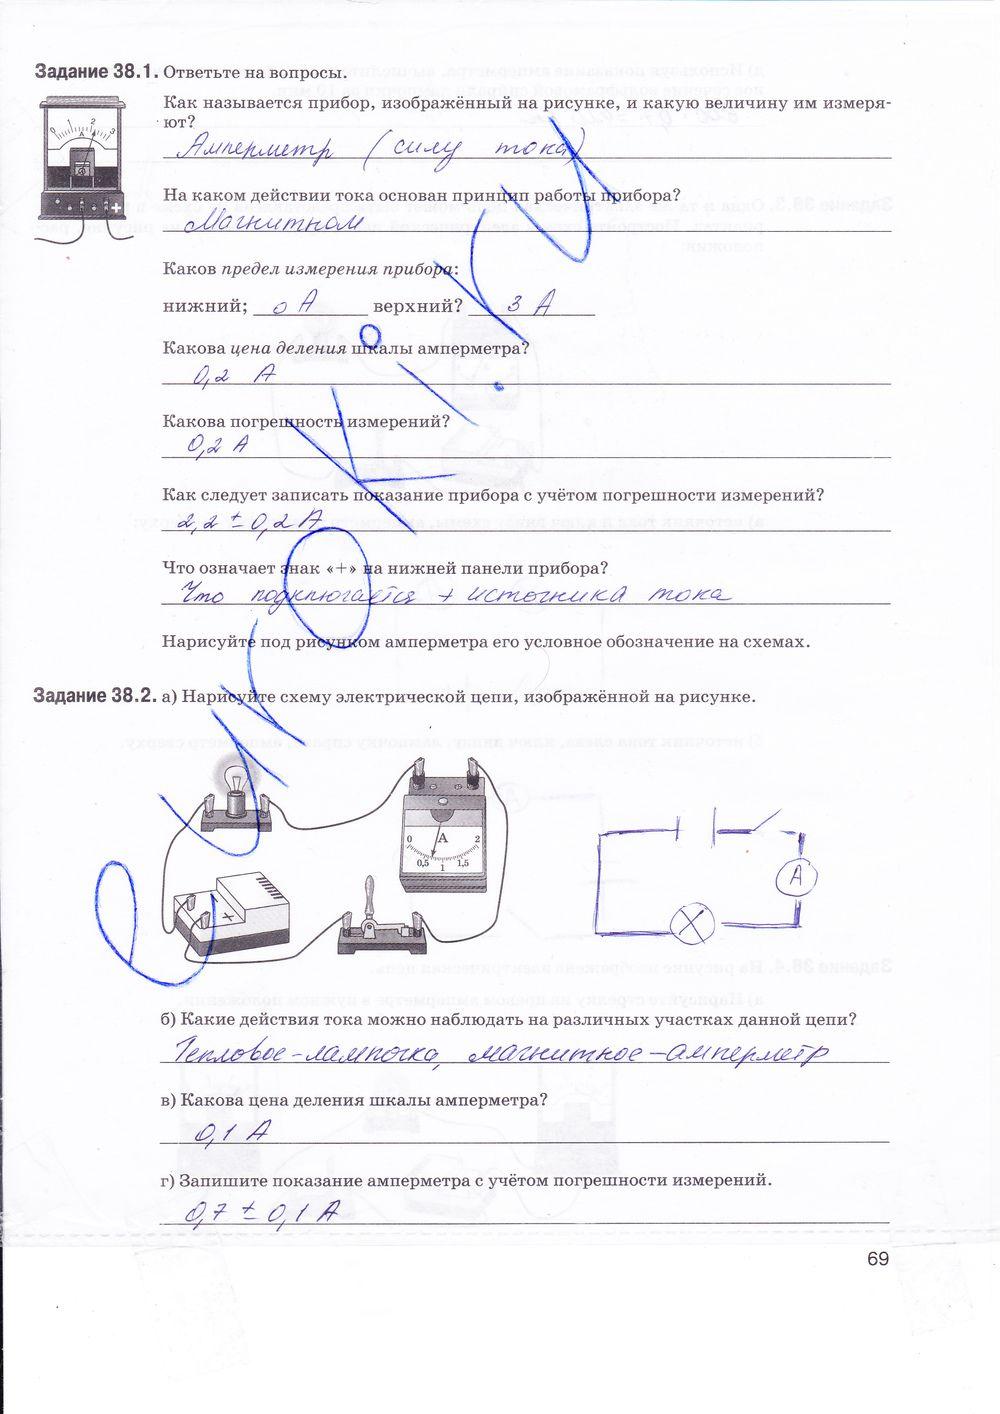 Готовые домашние контрольные работы по алгебре класс мордкович  Готовые домашние контрольные работы по алгебре 8 класс мордкович